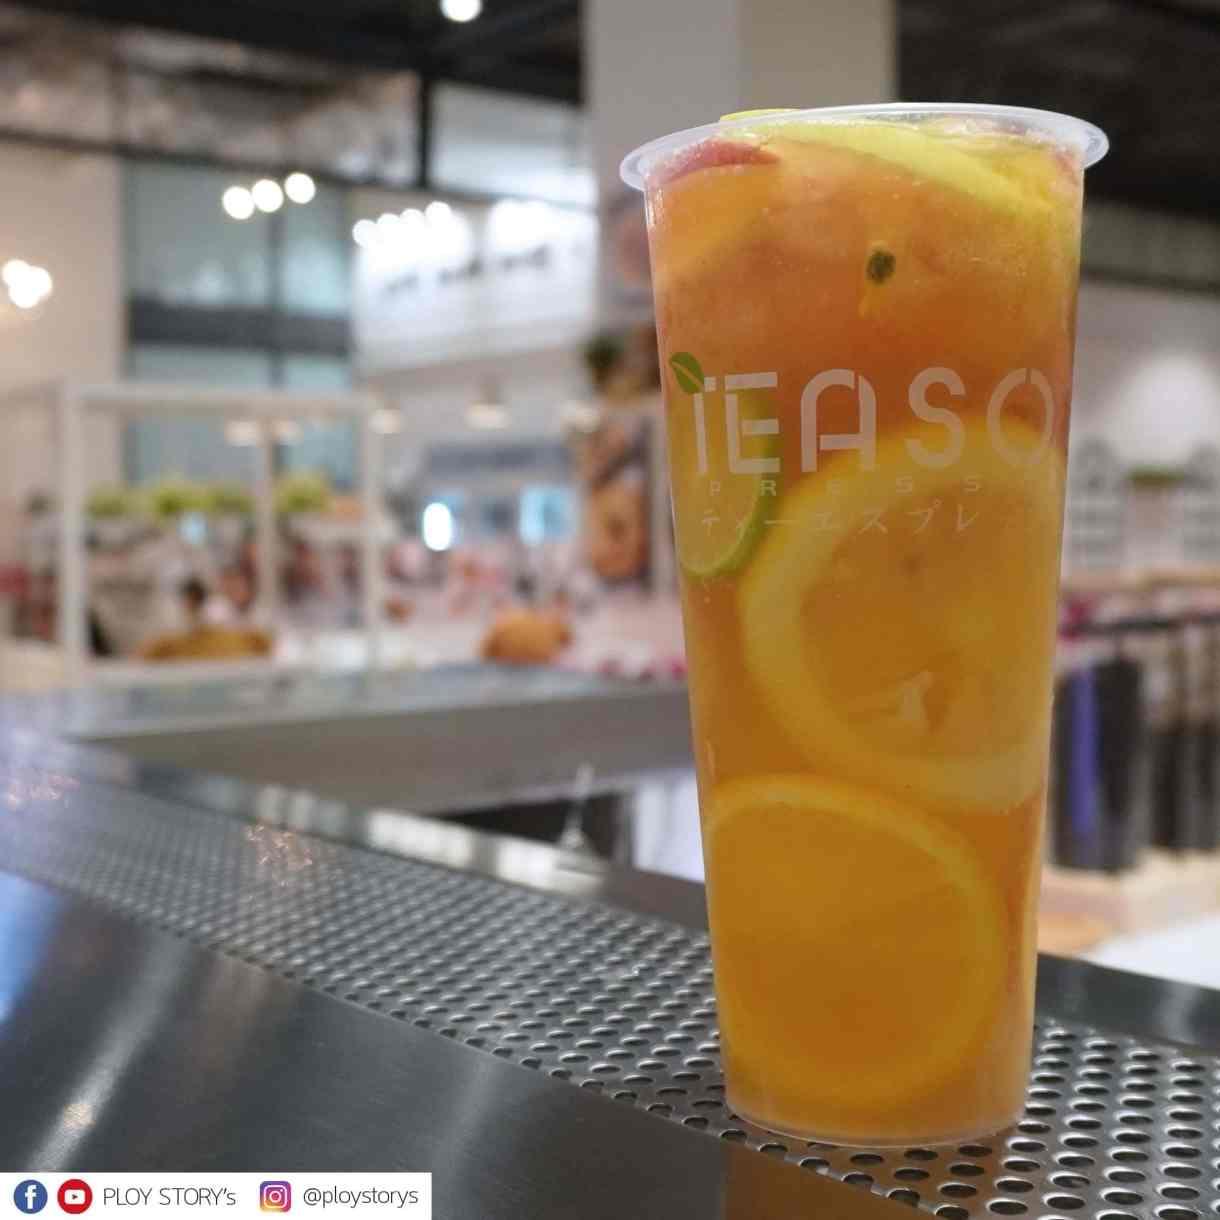 - 10 - รีวิวร้านชา TEASO สวรรค์ของคนรักชา ต้นตำรับจากฮ่องกง คนลดน้ำหนักกินได้แบบไม่รู้สึกผิด